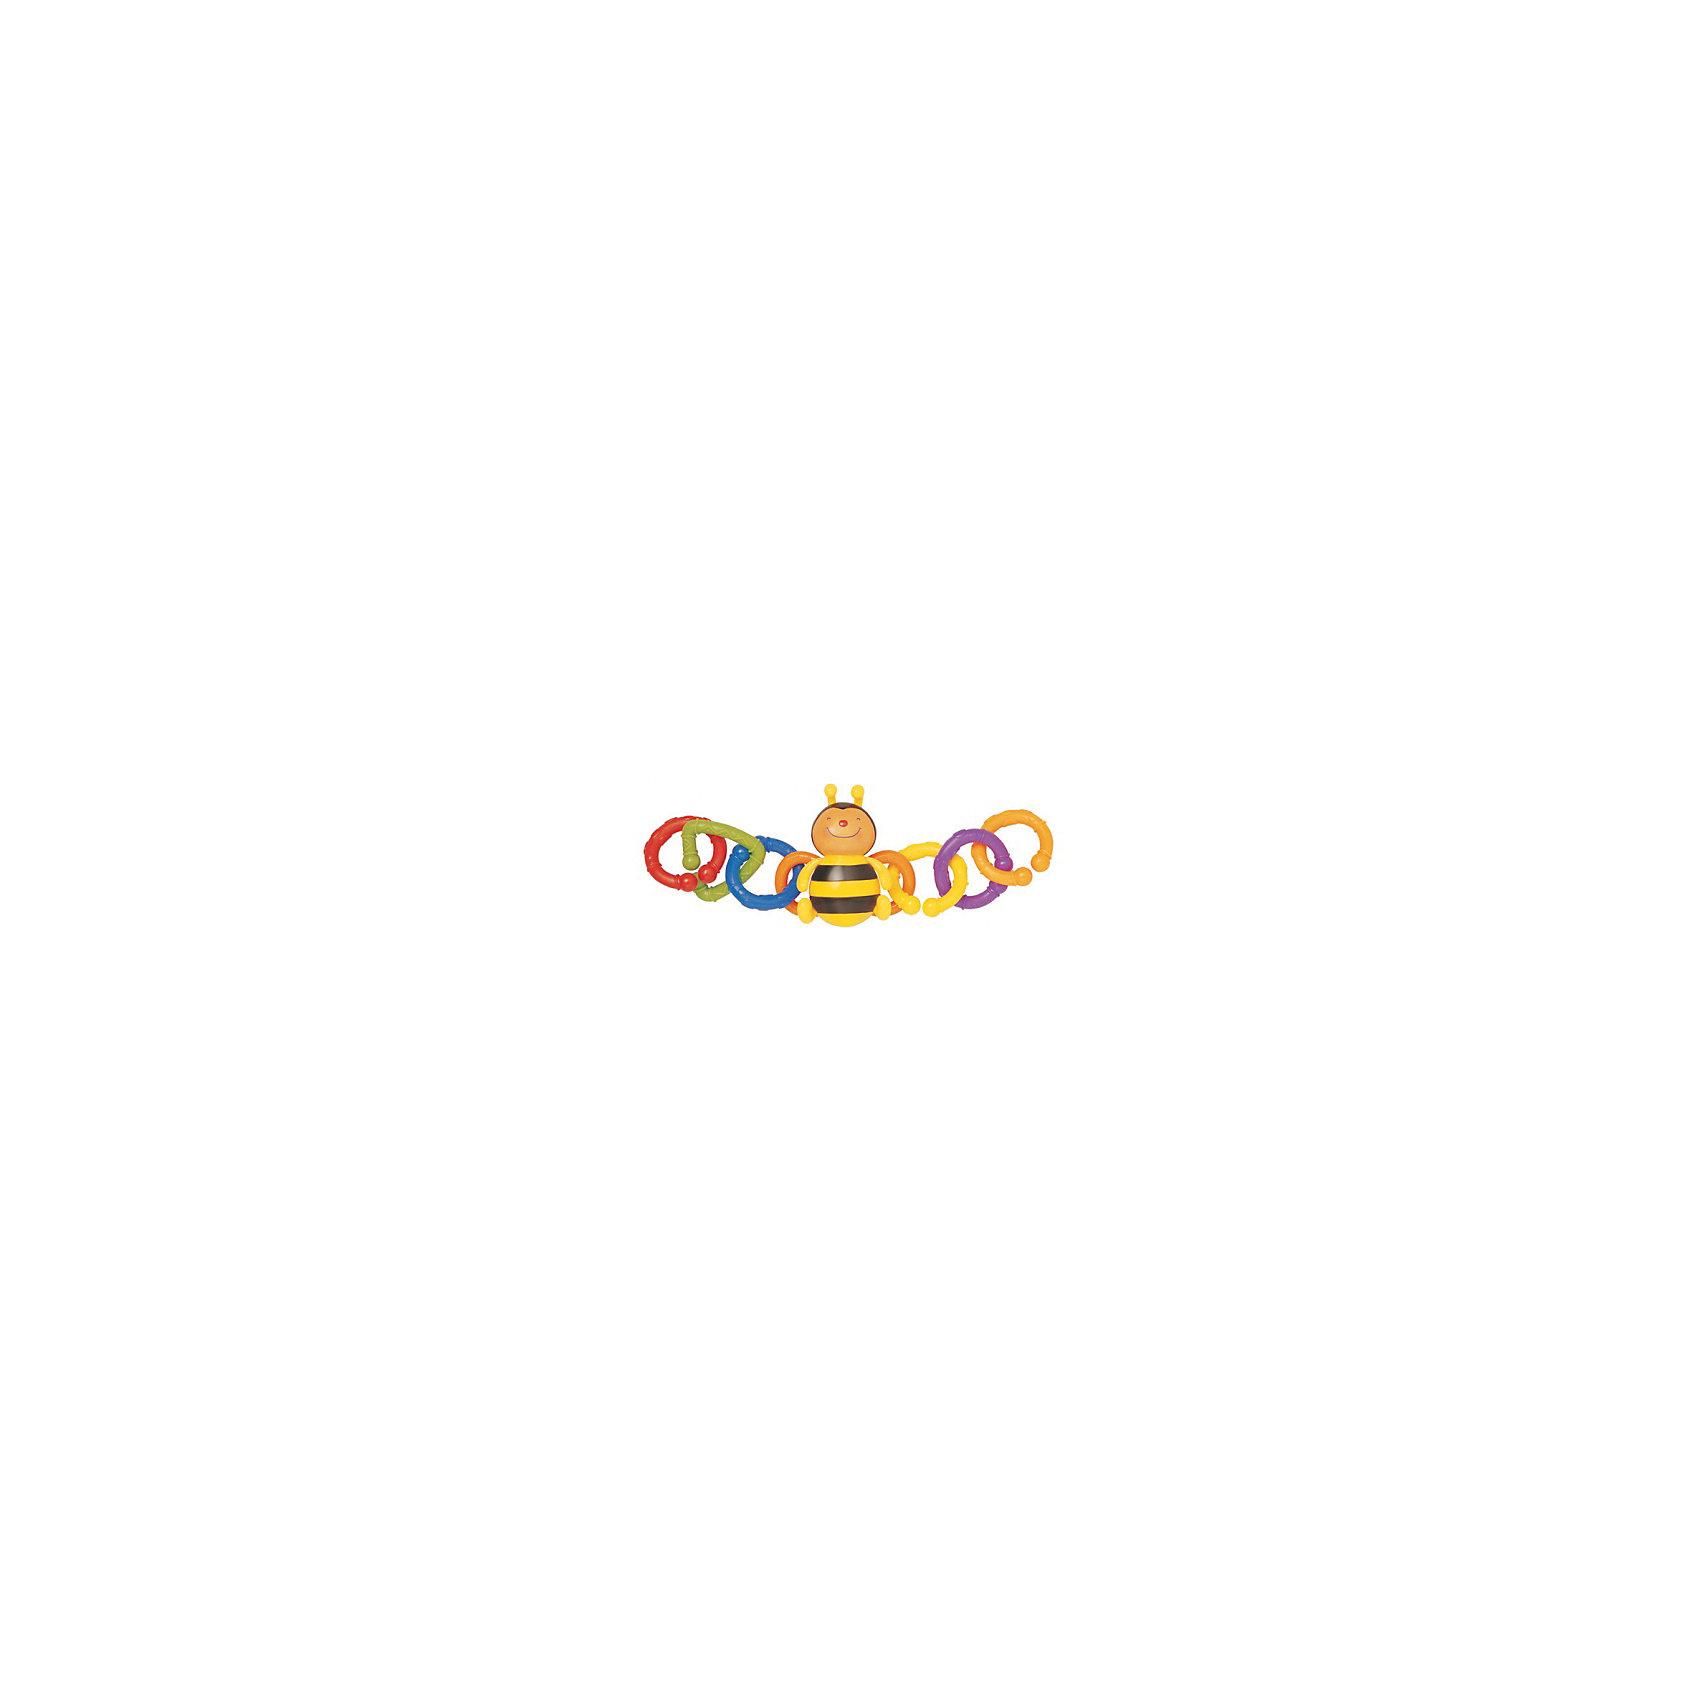 Набор для коляски Пчелка, Ks KidsПодвески<br>Набор для коляски Пчелка, Ks Kids (Кс Кидс) ? развивающая яркая игрушка-подвеска, предназначенная для детей с самого рождения. Оригинальная форма исполнения ? в центре фигурка веселой пчелки, у которой к крыльям прикреплены по три кольца в обе стороны ?обеспечивает ее функциональность и длительное использование. Эта погремушка может быть прикреплена не только к поручню коляски, но и к кроватке, автокреслу, стульчику для кормления или к бортикам манежа. Закрепляться она может как с двух сторон, так и с одной.<br>Разноцветные кольца разной фактуры, цвета и форм набора для коляски Пчелка, Ks Kids (Кс Кидс) позволяют развивать зрительное восприятие, тактильные ощущения и хватательный рефлекс с самых первых дней жизни малыша. Подросшим малышам, данная игрушка будет незаменимой в качестве грызунка во время прорезывания зубов. <br>Годовалому малышу набор для коляски Пчелка, Ks Kids позволит в легкой игровой форме изучить основные цвета и формы.<br>Игрушка для коляски Пчелка, Ks Kids (Кс Кидс) изготовлена из экологически безопасных материалов, устойчивых к механическим повреждениям и выгоранию цвета.<br><br>Дополнительная информация:<br><br>- Вид игр: развивающие<br>- Предназначение: для дома, для прогулки<br>- Материал: текстиль, пластик<br>- Размер: 11*11*35 см<br>- Вес: 170 г<br>- Комплектация: фигурка пчелки, 6 съемных колец разного цвета и формы <br>- Особенности ухода: разрешается деликатная стирка <br><br>Подробнее:<br><br>• Для детей в возрасте: от 0 месяцев до 1 года<br>• Страна производитель: Китай<br>• Торговый бренд: Ks Kids<br><br>Набор для коляски Пчелка, Ks Kids  (Кс Кидс) можно купить в нашем интернет-магазине.<br><br>Ширина мм: 110<br>Глубина мм: 110<br>Высота мм: 35<br>Вес г: 170<br>Возраст от месяцев: 0<br>Возраст до месяцев: 12<br>Пол: Унисекс<br>Возраст: Детский<br>SKU: 4799438